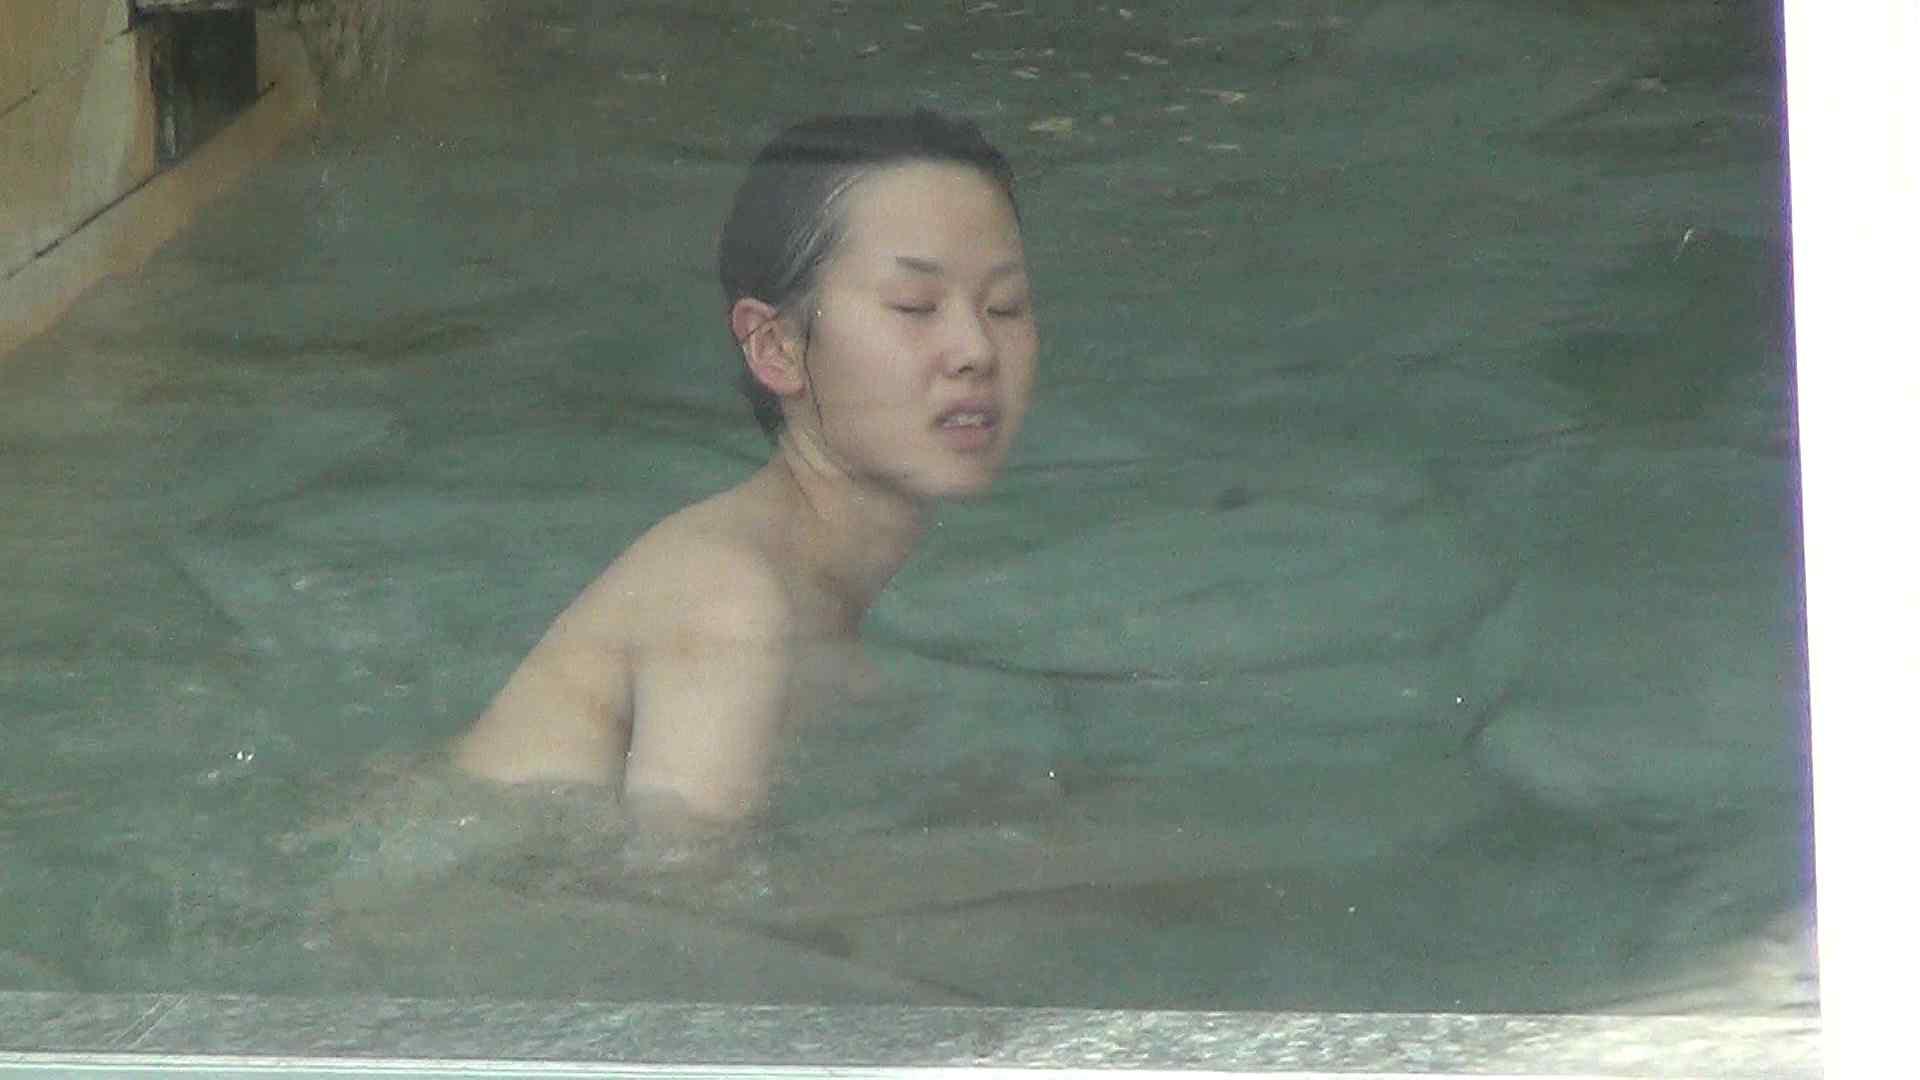 Aquaな露天風呂Vol.246 OLハメ撮り  53Pix 13